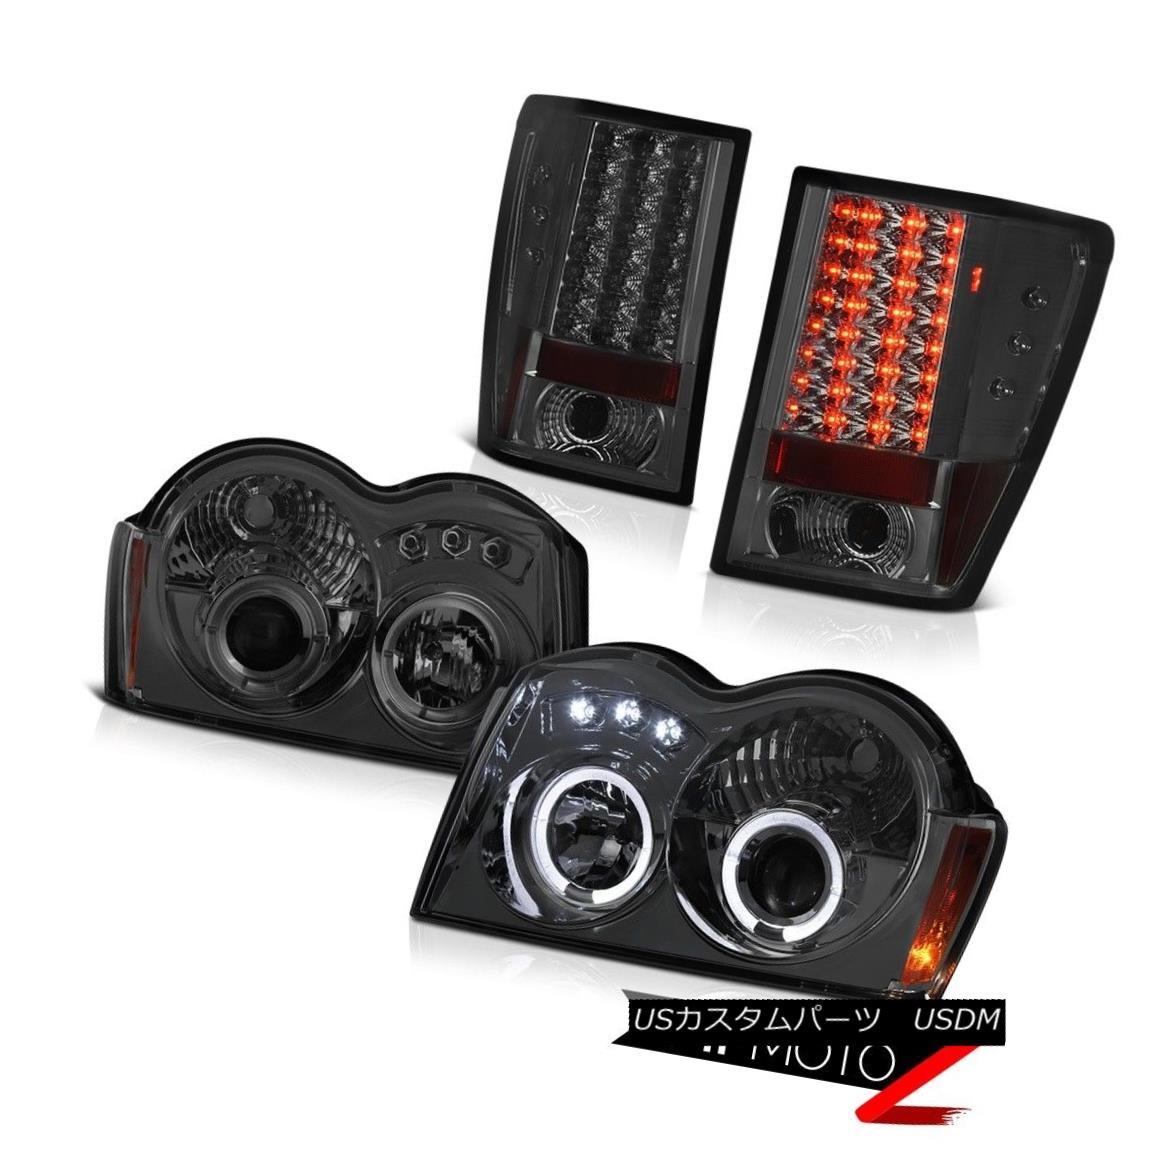 テールライト 05 06 Jeep Grand Cherokee Laredo Projector Headlamps Rear Brake Lights SMD 05 06ジープグランドチェロキーラレドプロジェクターヘッドランプリアブレーキライトSMD